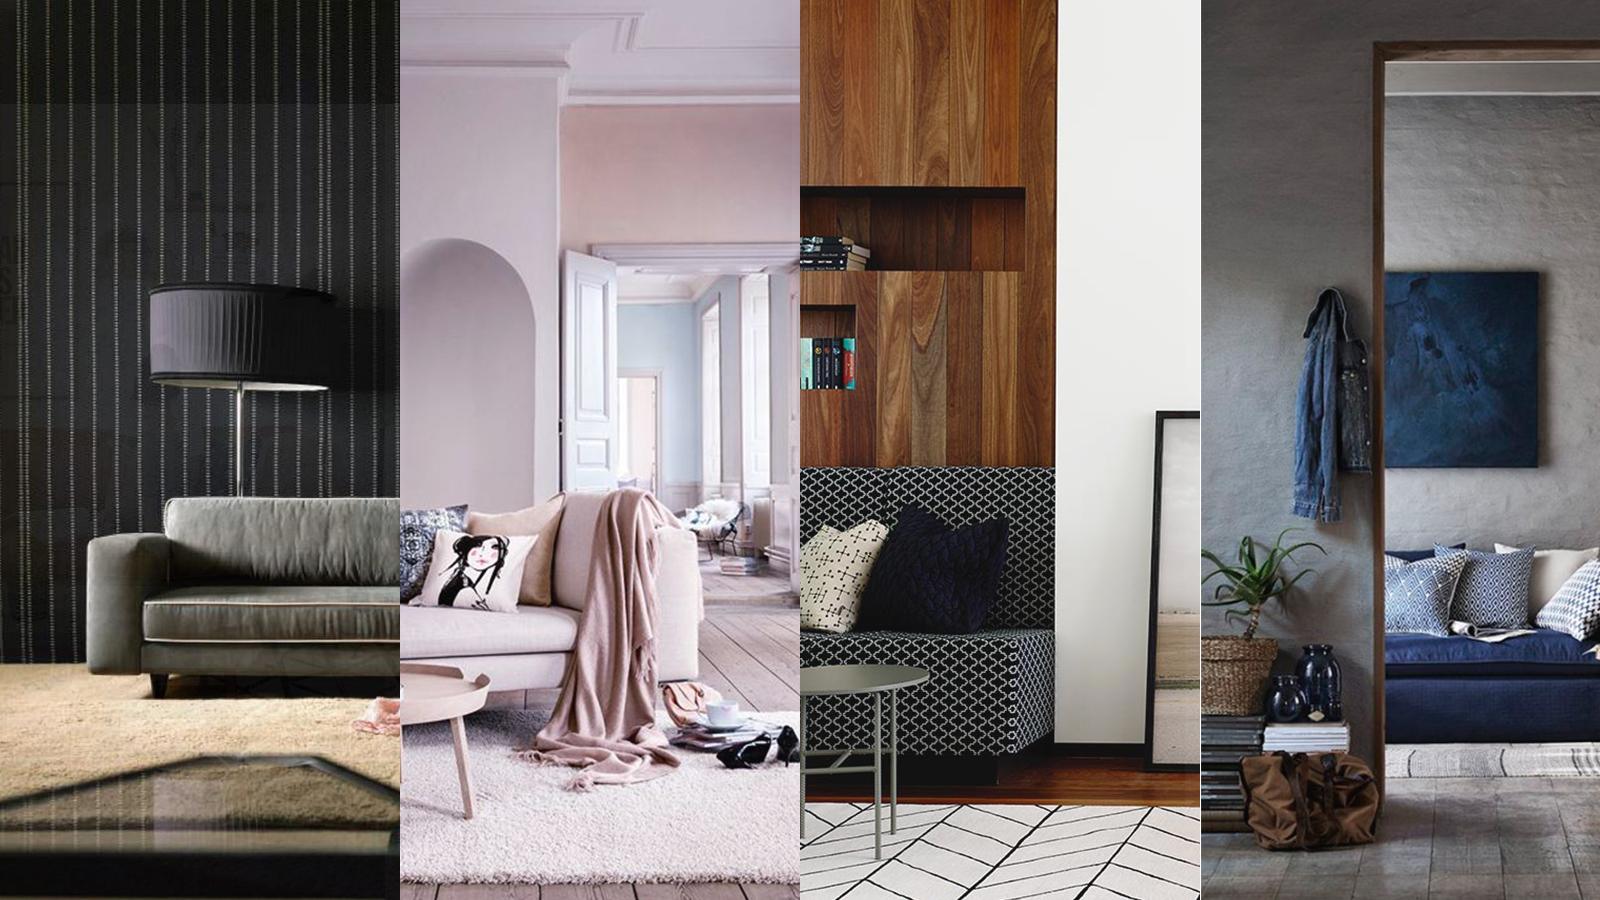 Details per Spaces - Living Room.jpg